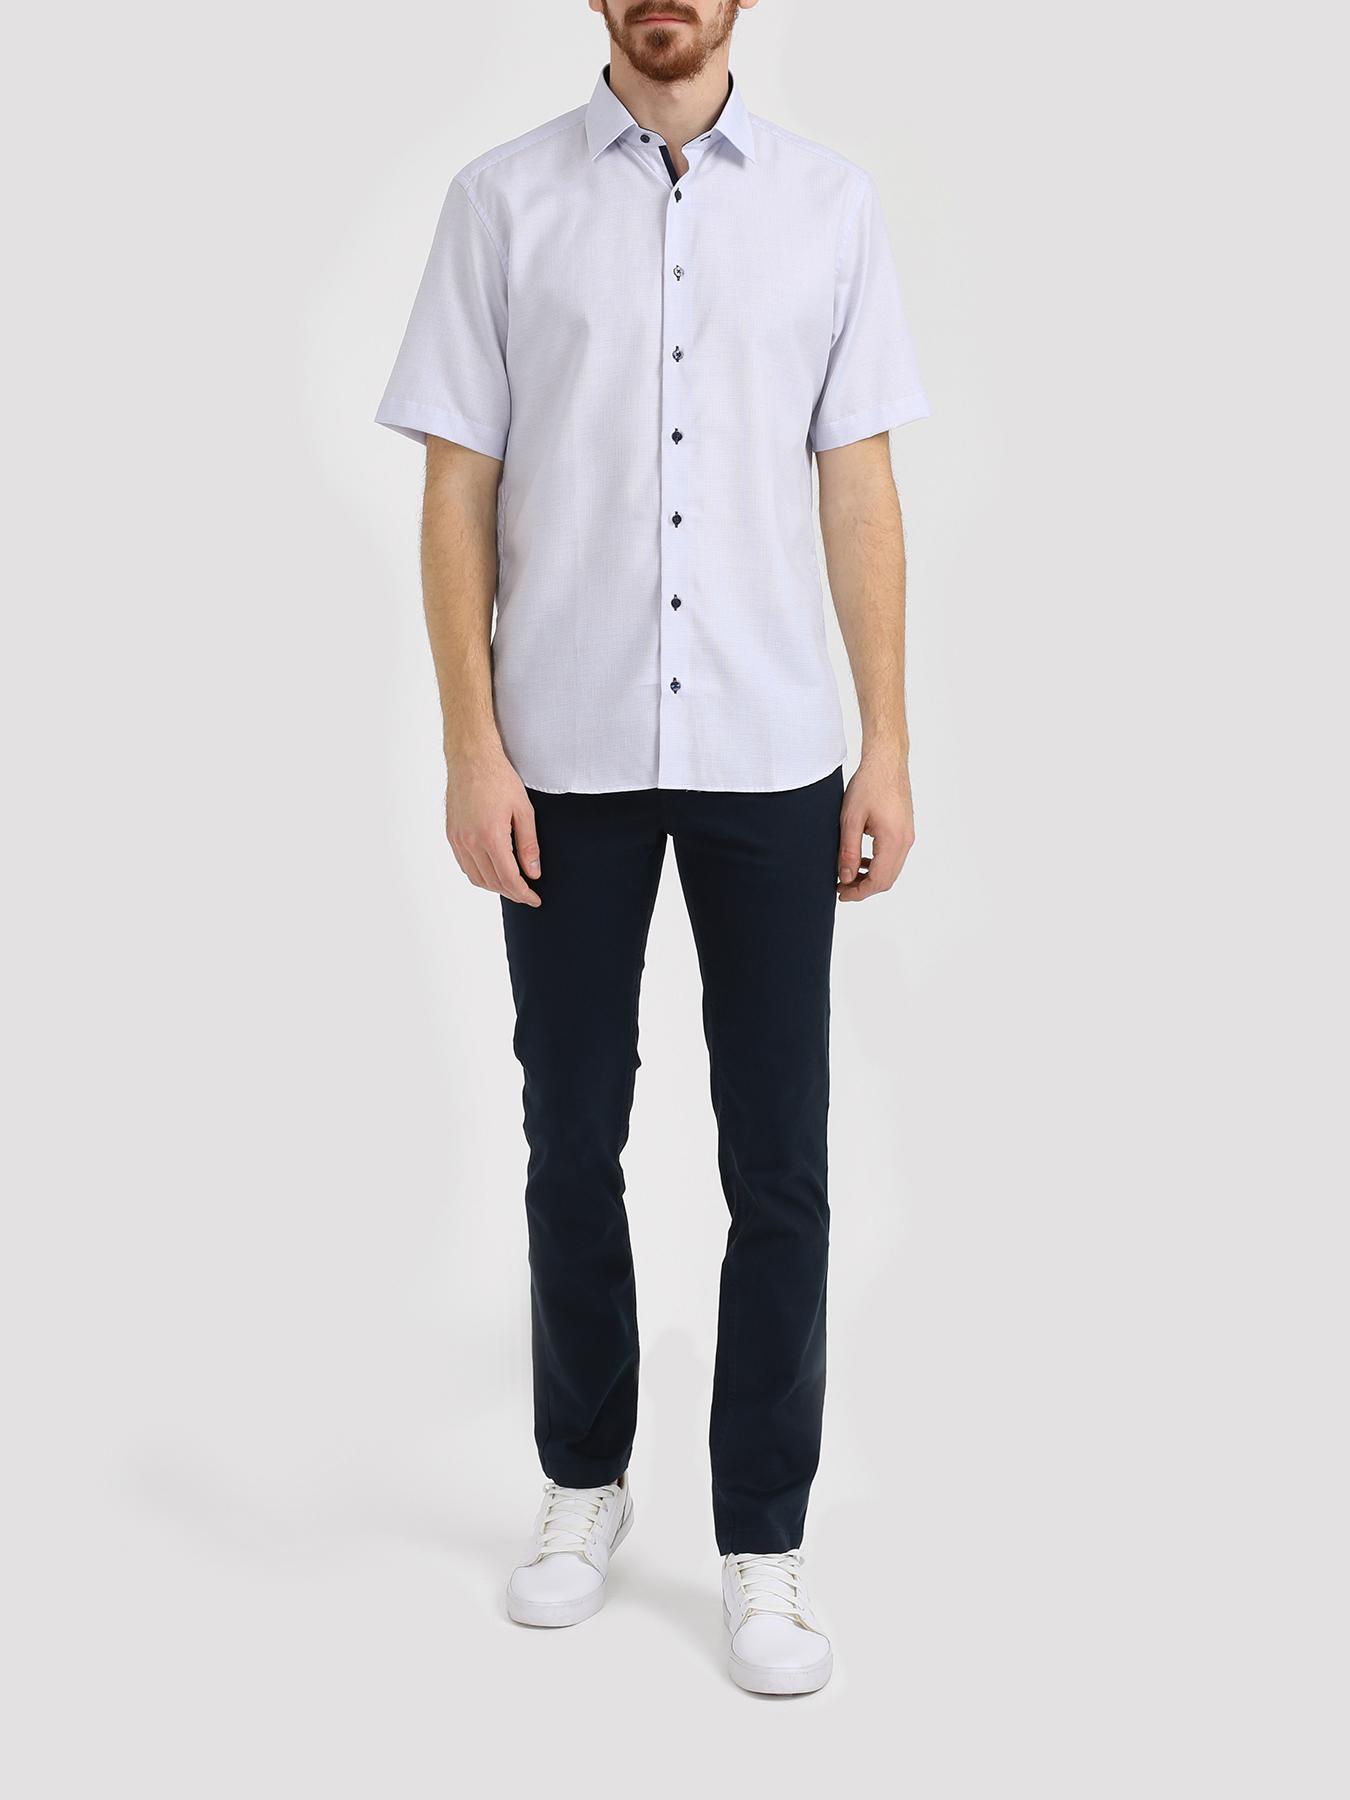 Брюки Alessandro Manzoni Мужские брюки